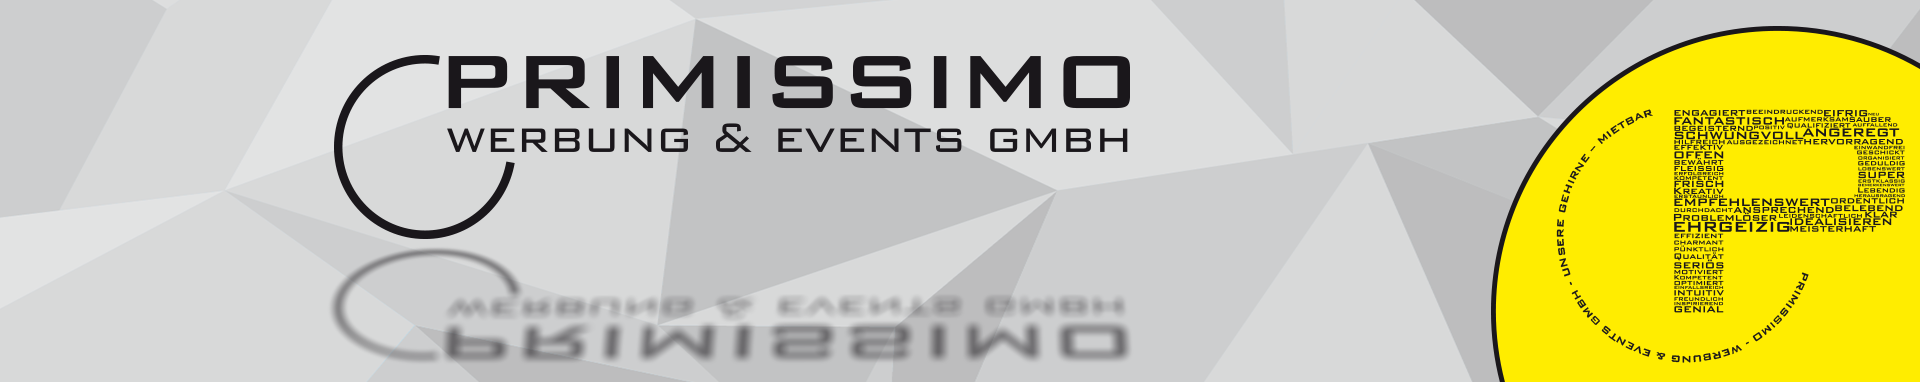 primissimo - werbung & events GmbH